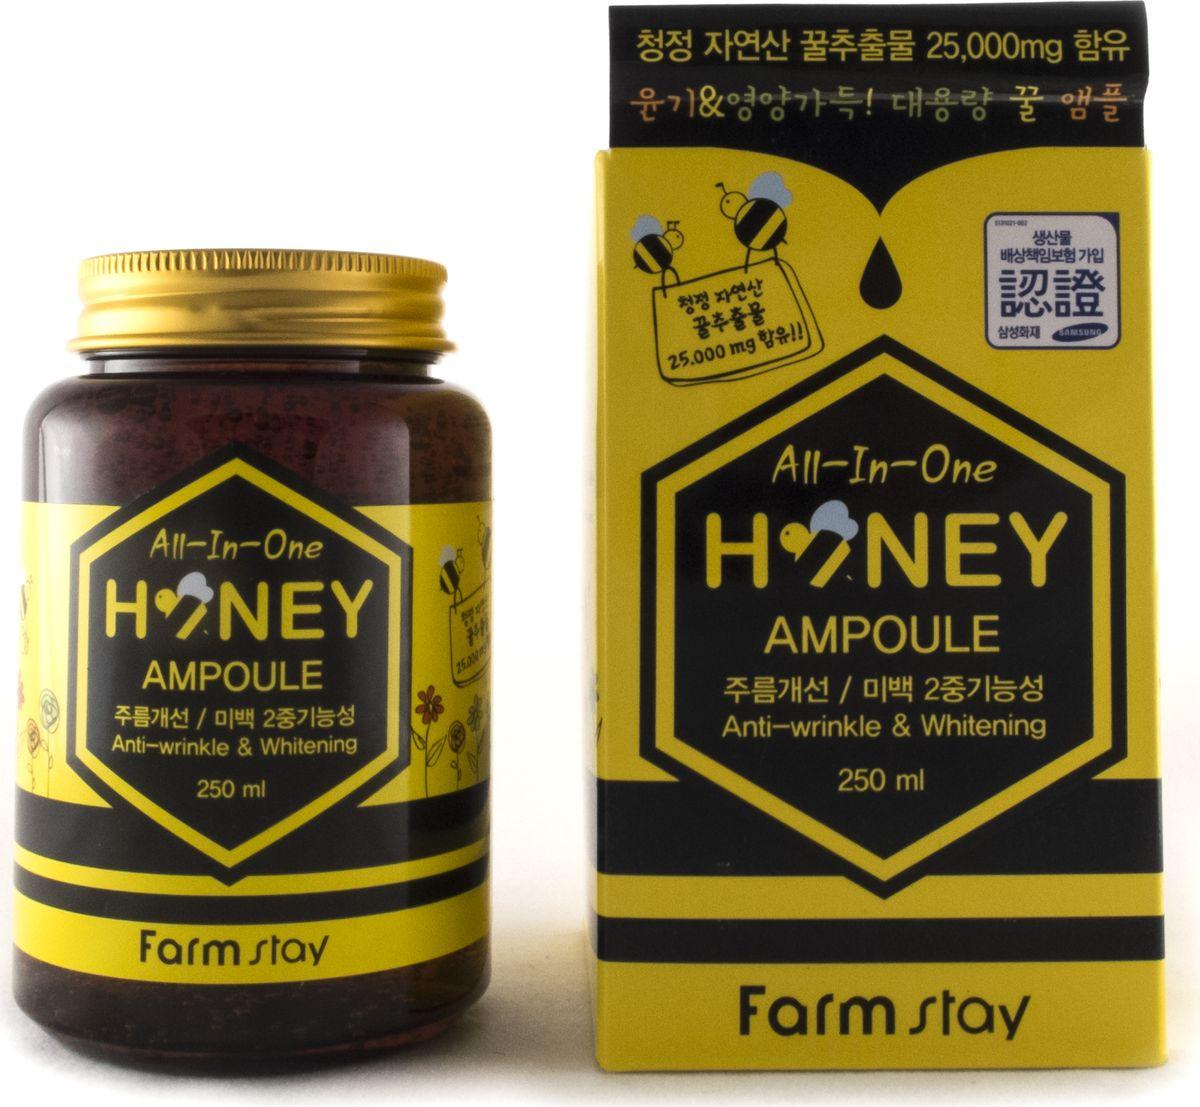 FarmStay Многофункциональная ампульная сыворотка с медом, 250 мл7289038Ампульная сыворотка с медом представляет собой натуральный жидкий экстракт 3 в 1: содержит экстракты меда, пчелиного маточного молочка и прополиса. Соединения витаминов В1, В2, В6 и пантотеновой кислоты и т.д., дают мощный увлажняющий эффект, предотвращают сухость и помогают управлять увлажнением кожи. Кроме того, он омолаживает кожу изнутри, т.к. эти элементы стимулируют обновление кожи. Аденозин, содержащийся в экстракте помогает разглаживать морщины, а ниацинамид – осветляет и защищает.